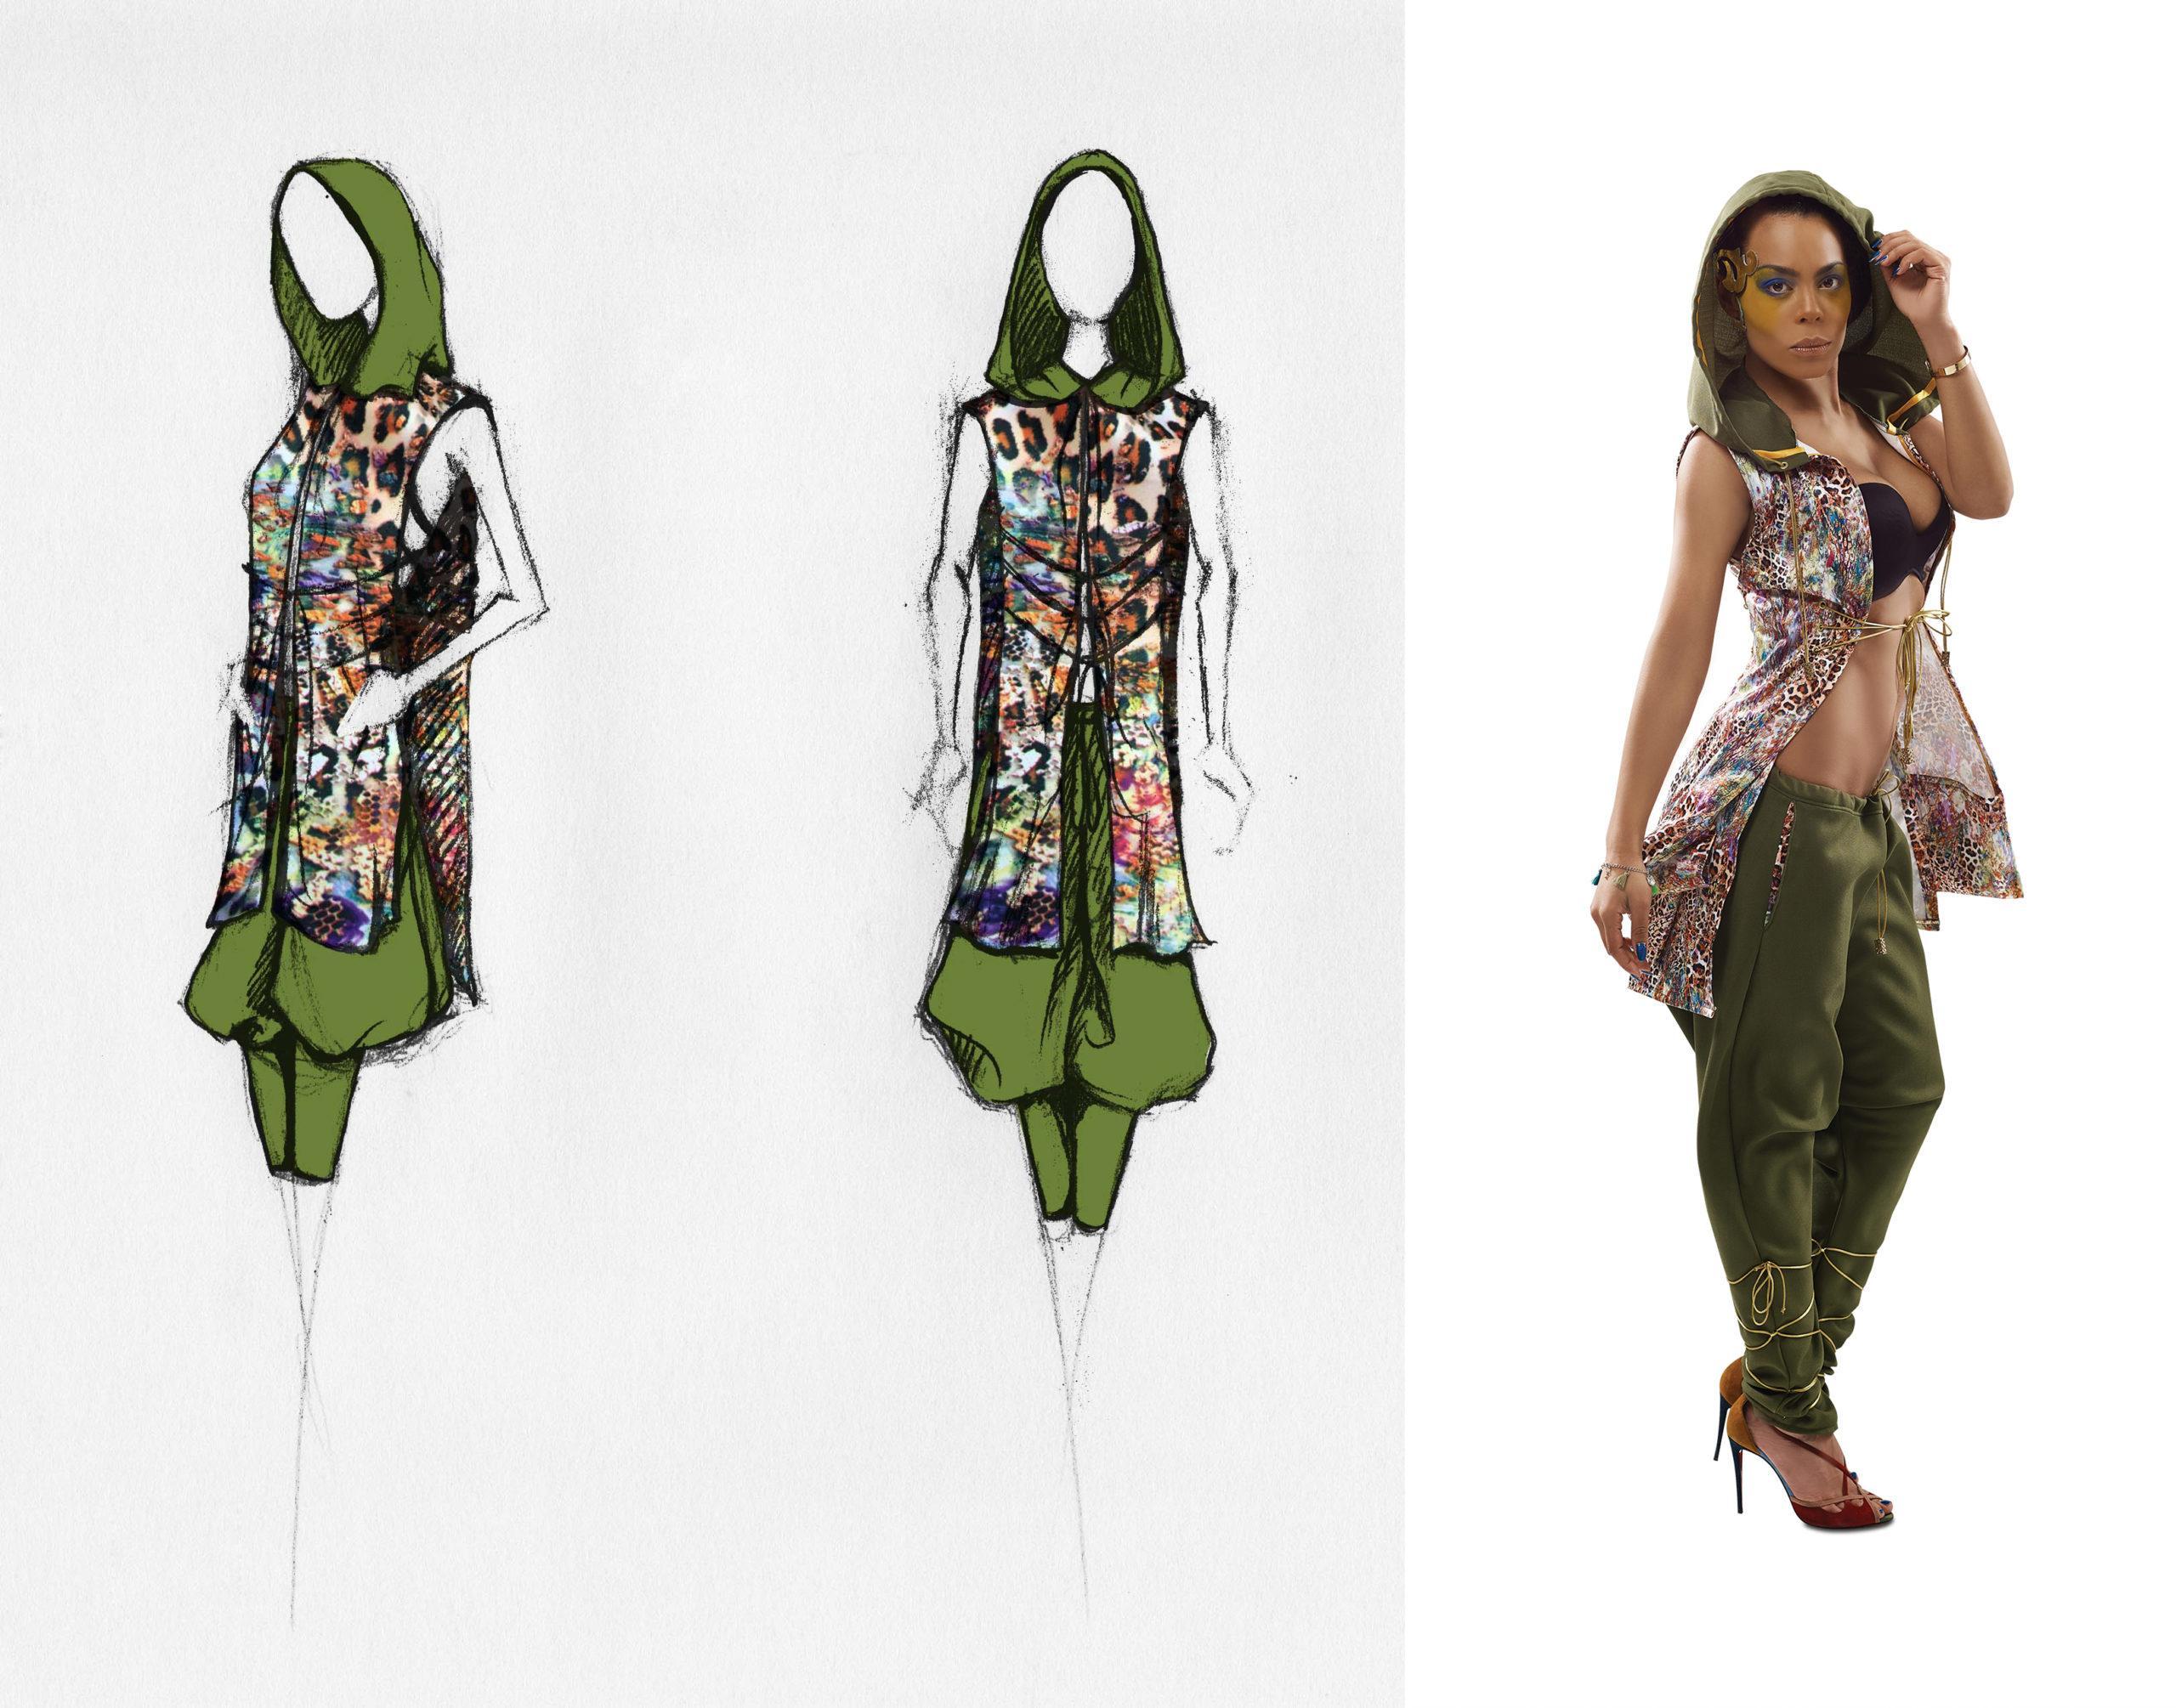 Takis-Fashion-collection-créature de rêve-women-Léoserpe